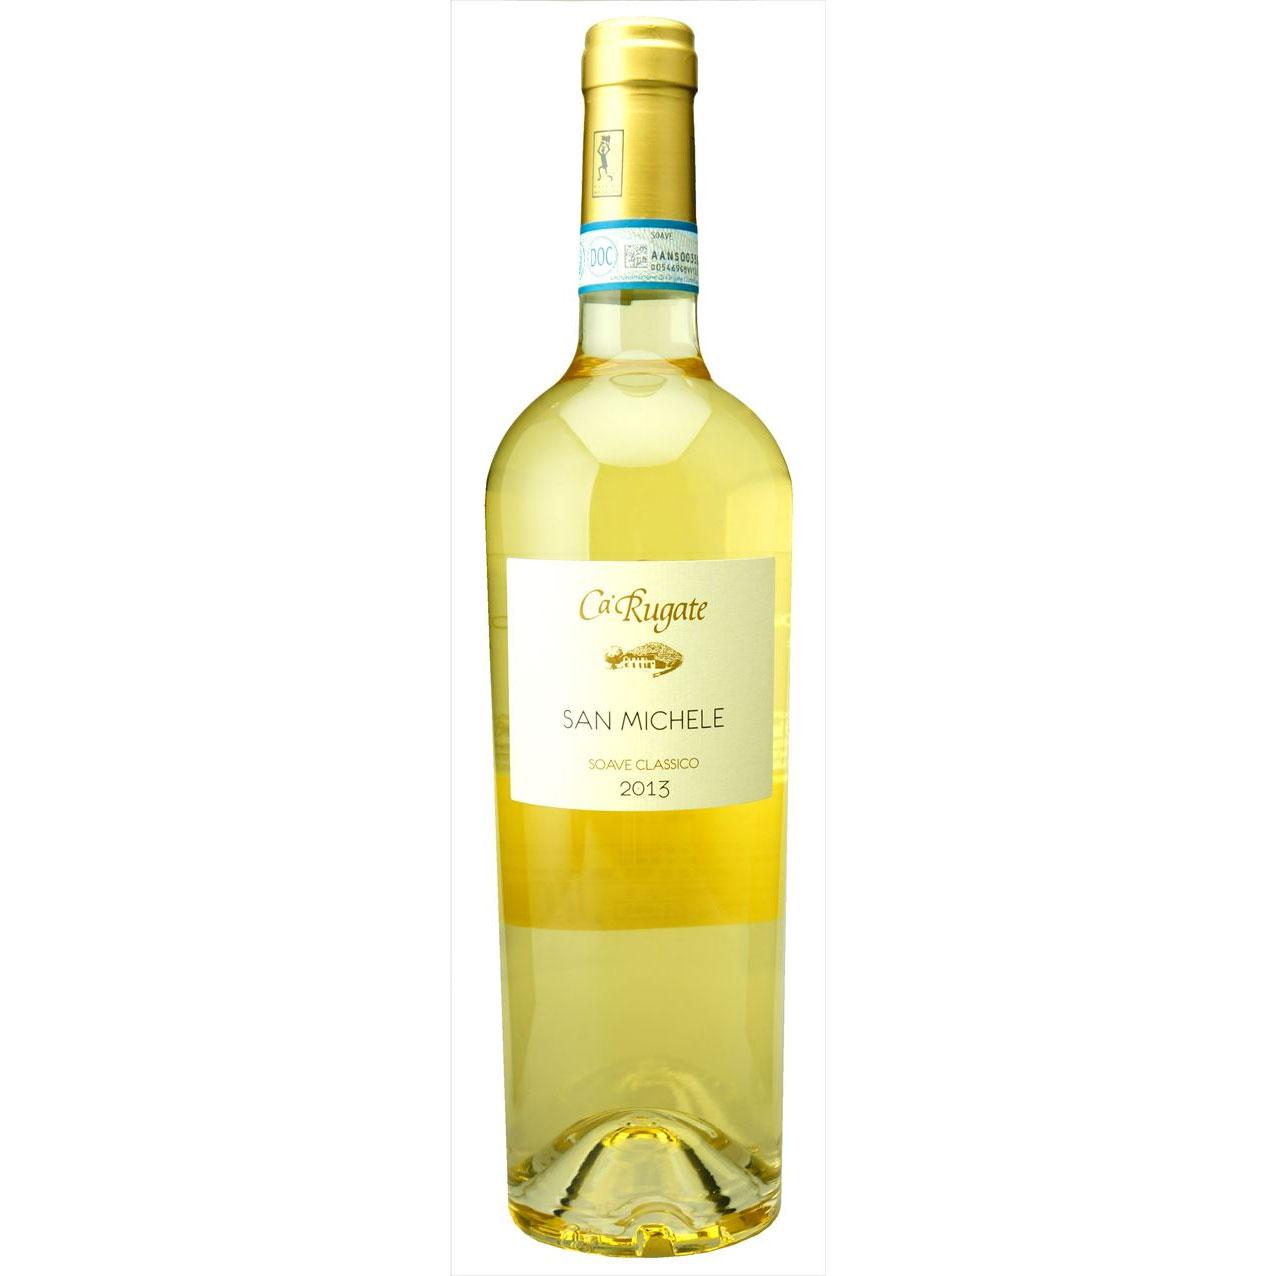 父の日 プレゼント ギフト ソアーヴェ クラッシコ サン ミケーレ カ ルガーテ 白 750ml 12本 イタリア ヴェネト 白ワイン 送料無料 コンビニ受取対応商品 ヴィンテージ管理しておりません、変わる場合があります ラッキーシール対応